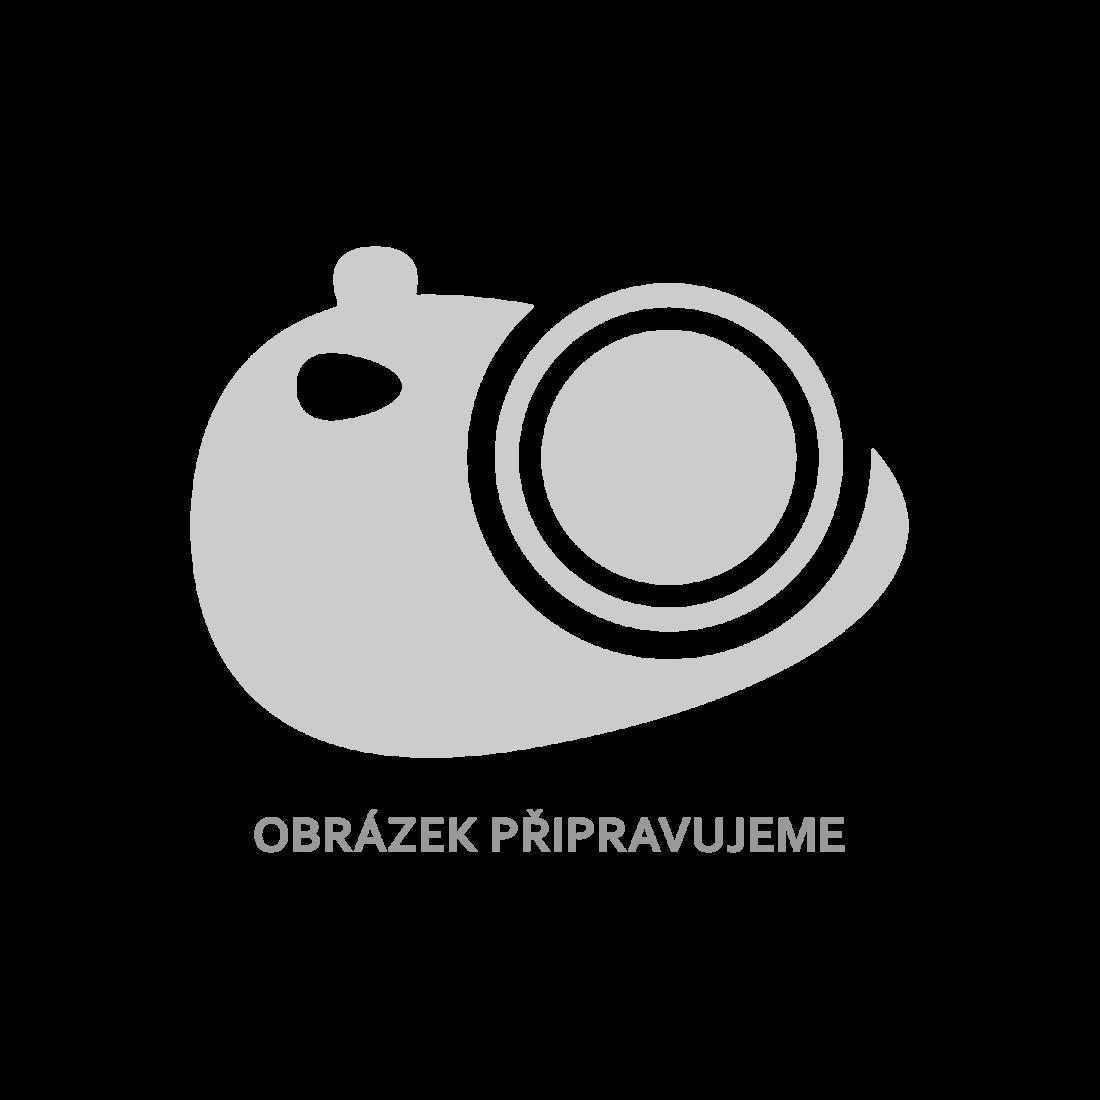 vidaXL Rám postele/pohovky bílý kovový 90 x 200 cm [324774]